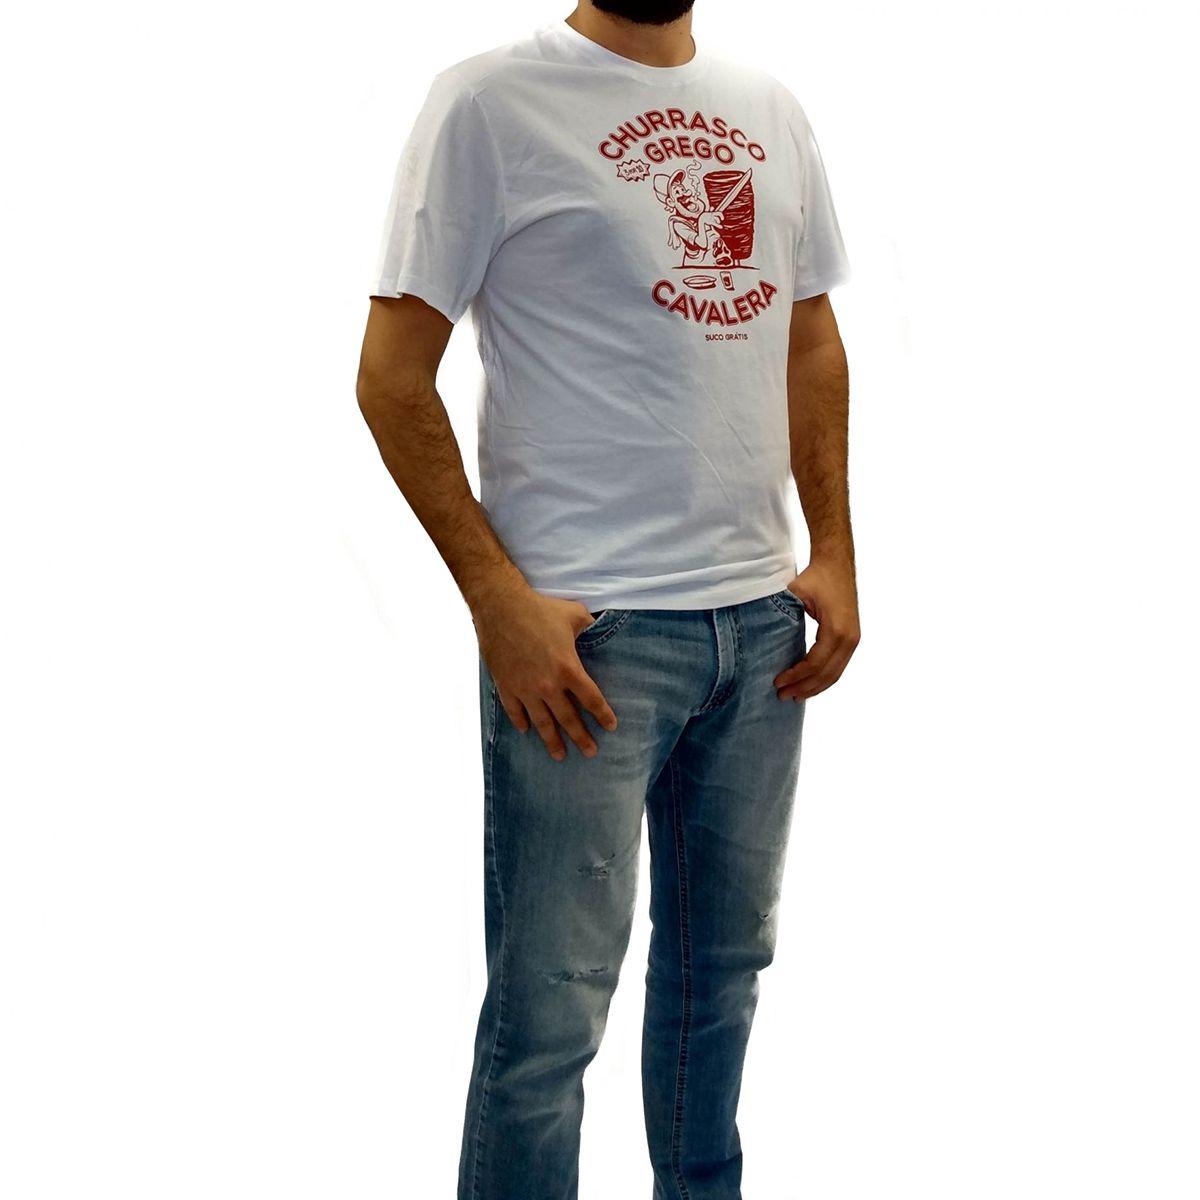 Camiseta Cavalera Masculina Churrasco Grego